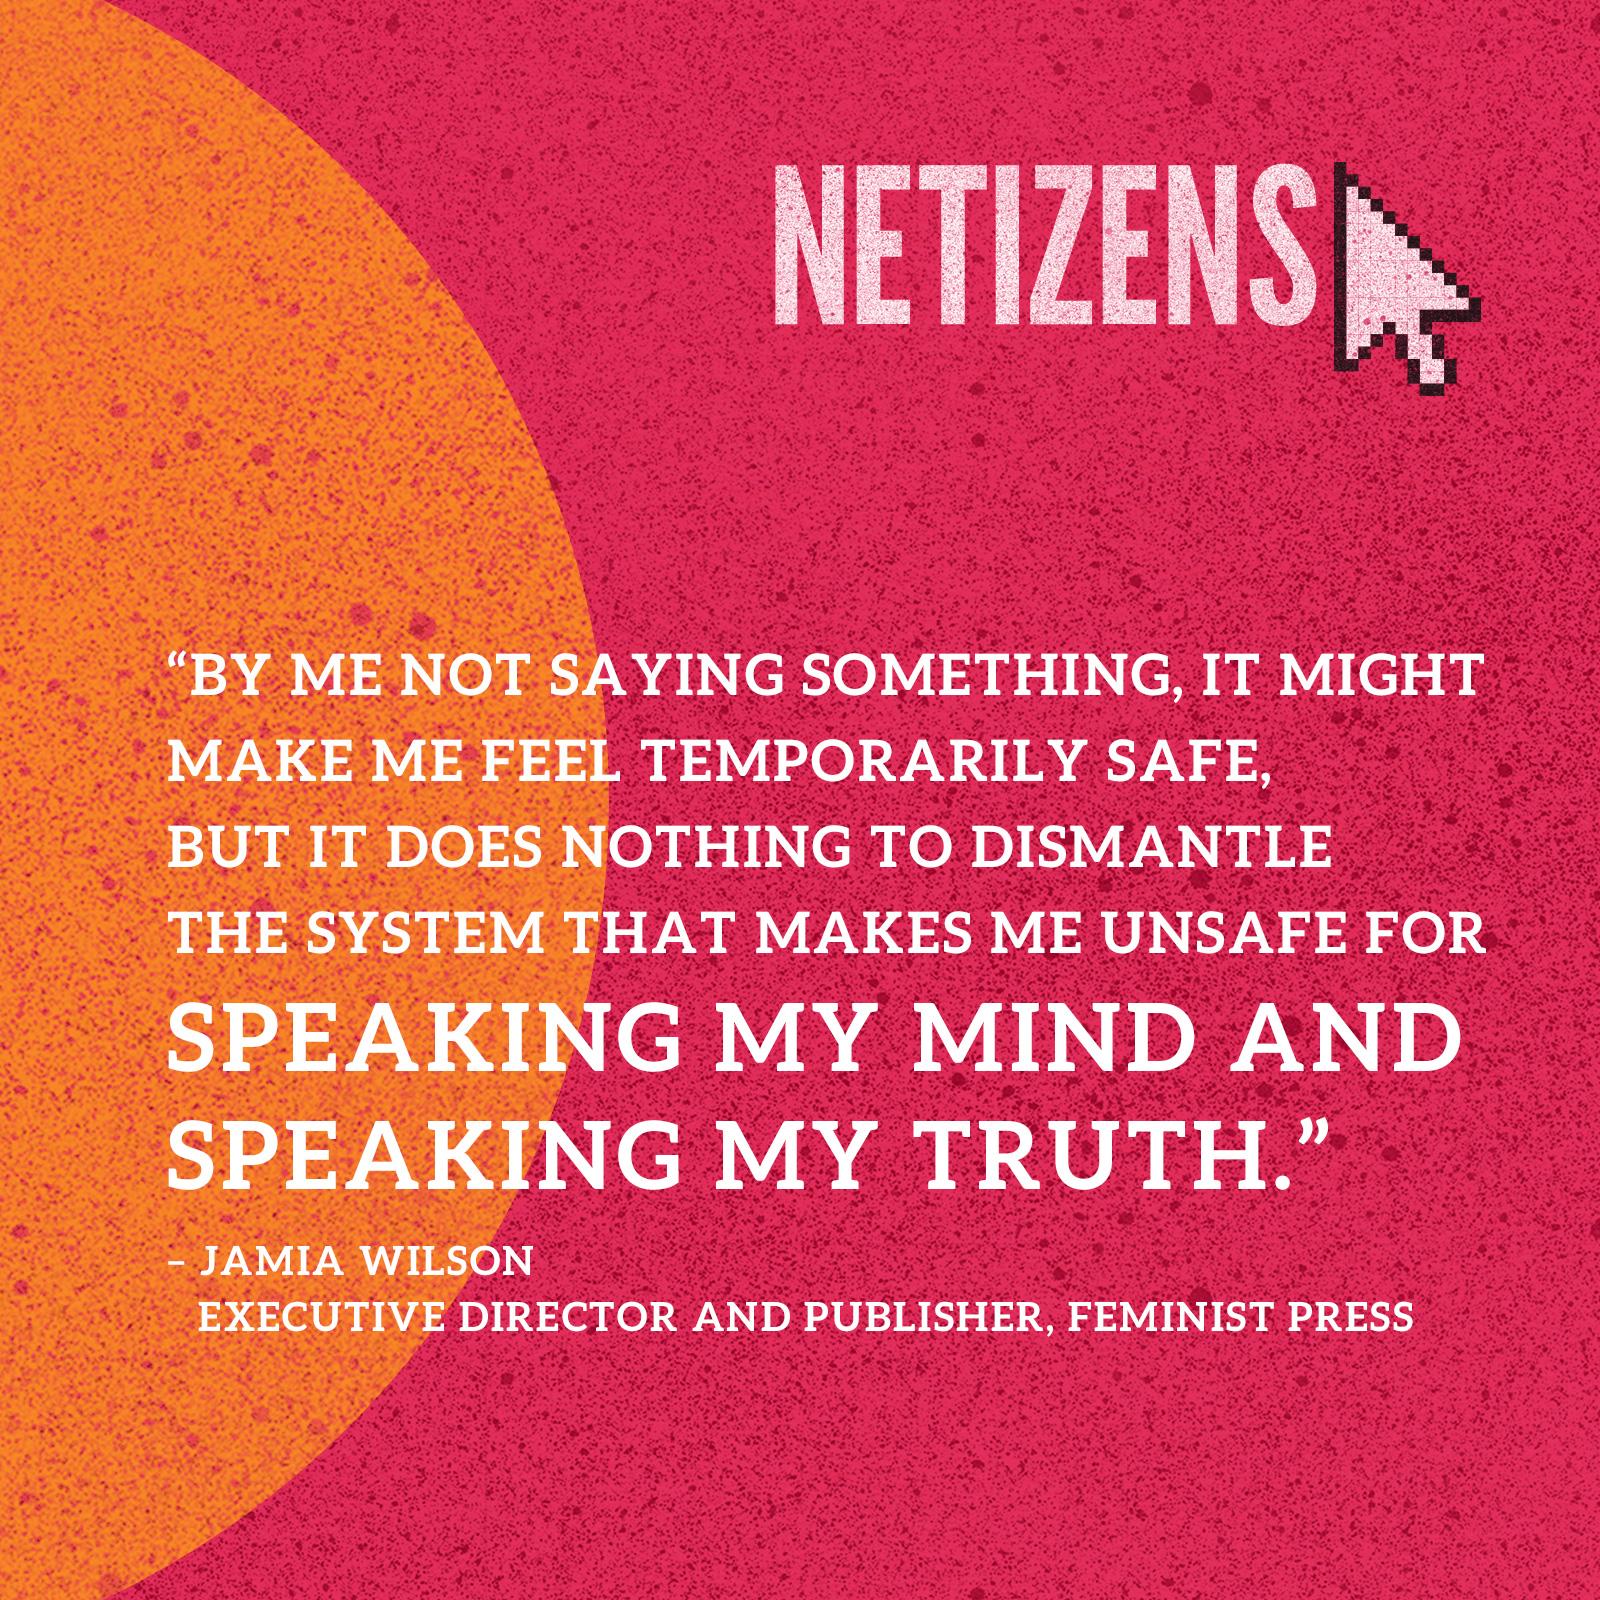 Netizens-SocialImage-13-v1.jpg